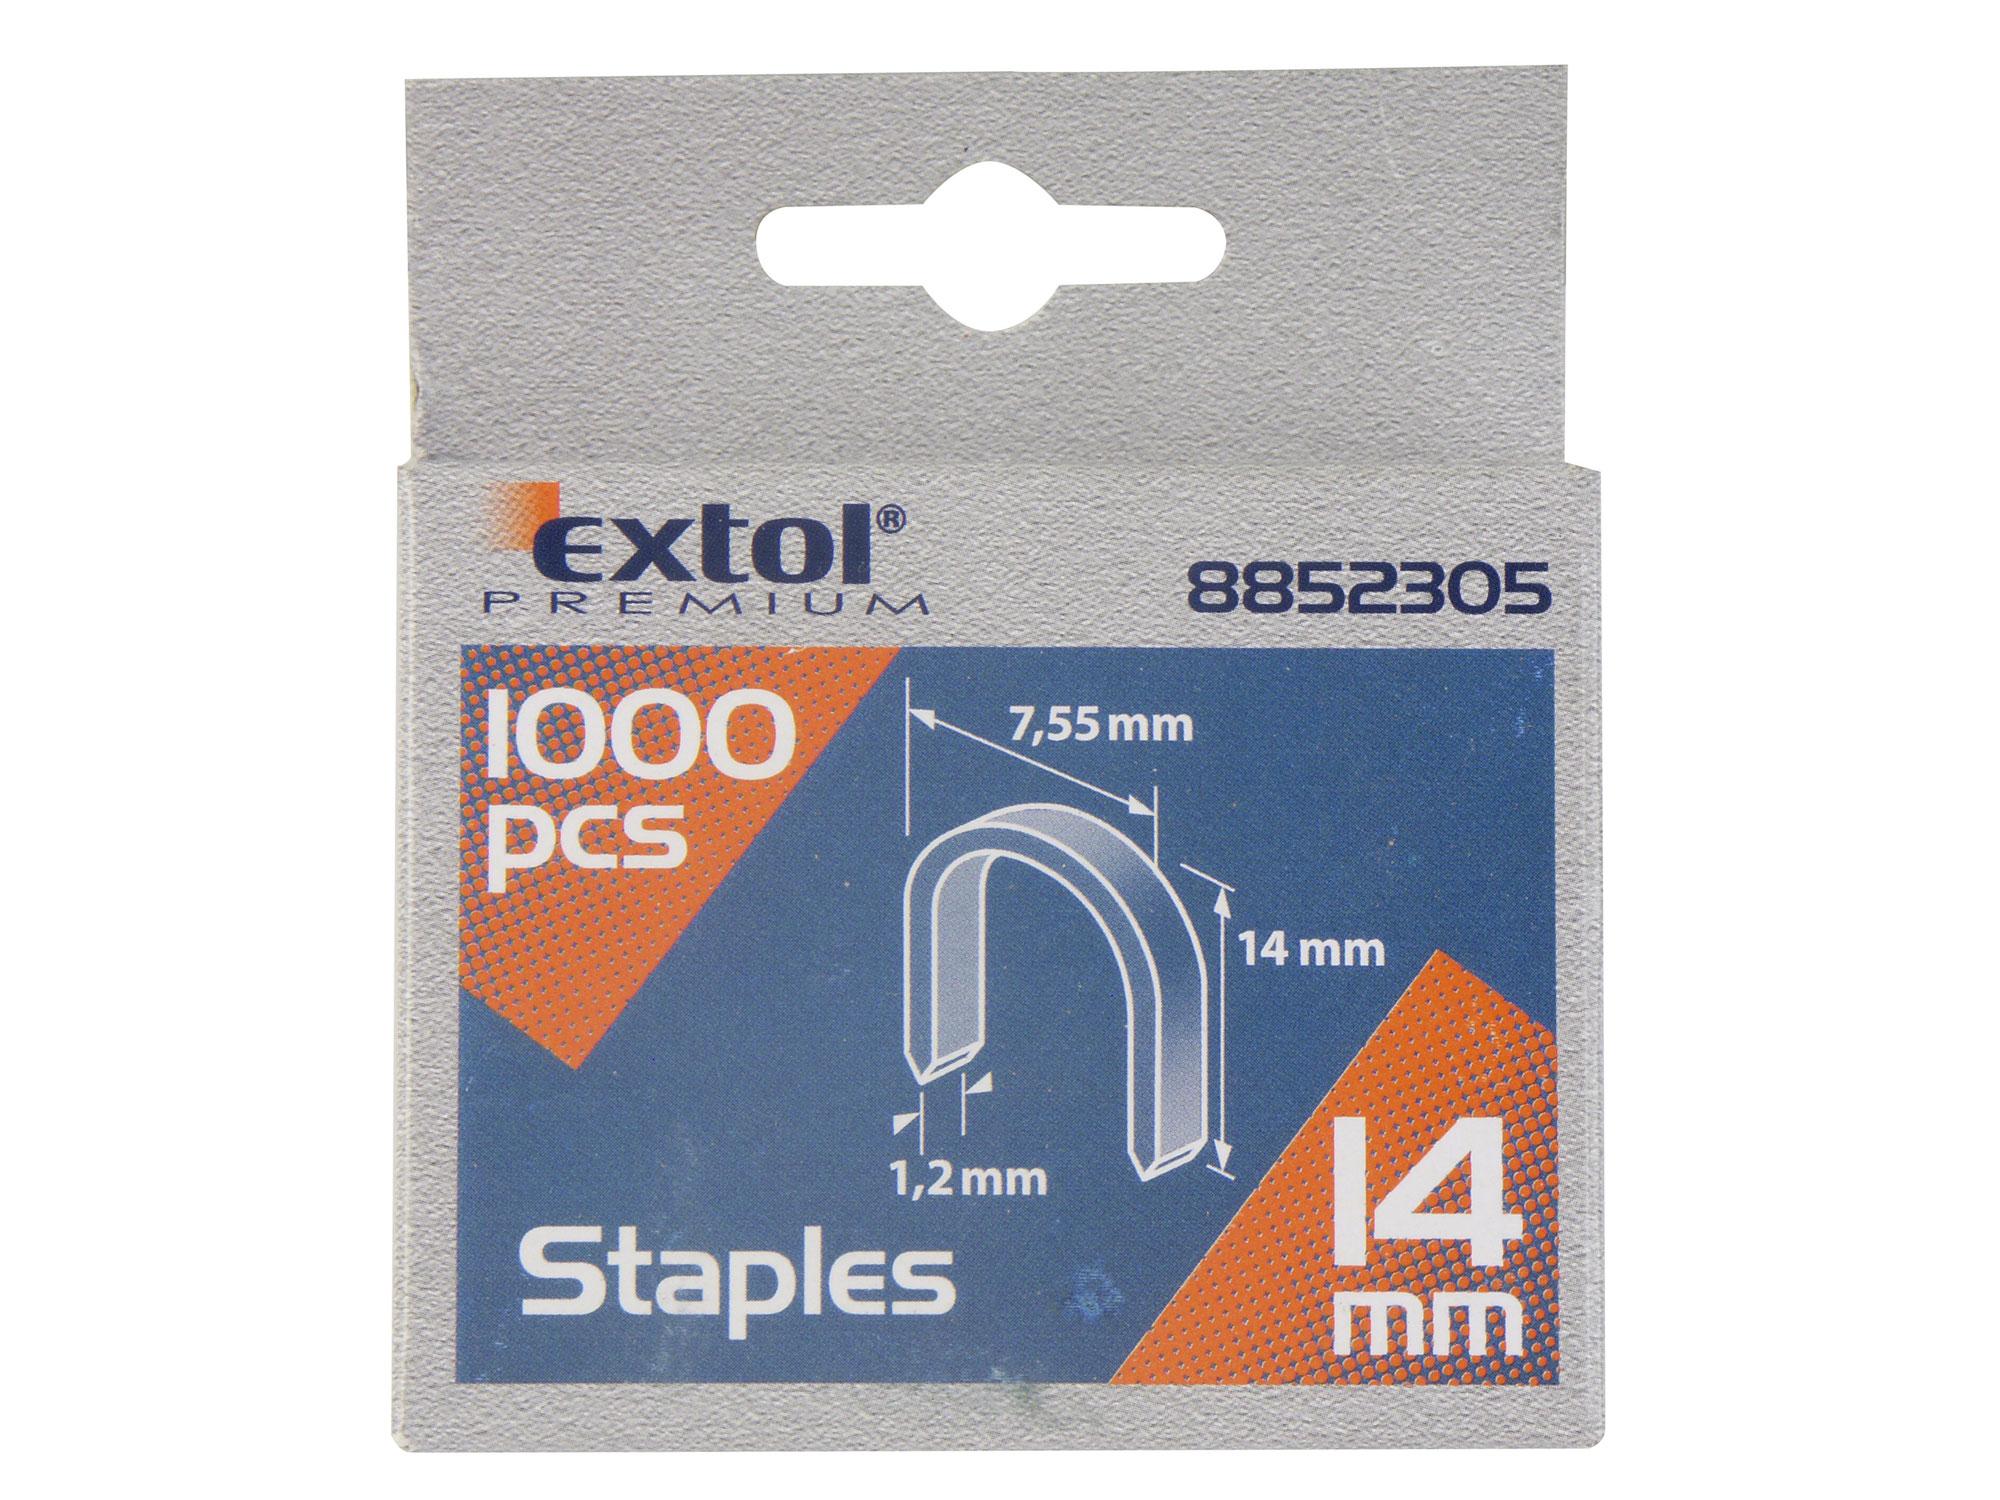 Spony oblé, balení 1000ks, 14mm, 7,55x0,52x1,2mm EXTOL PREMIUM 8852305